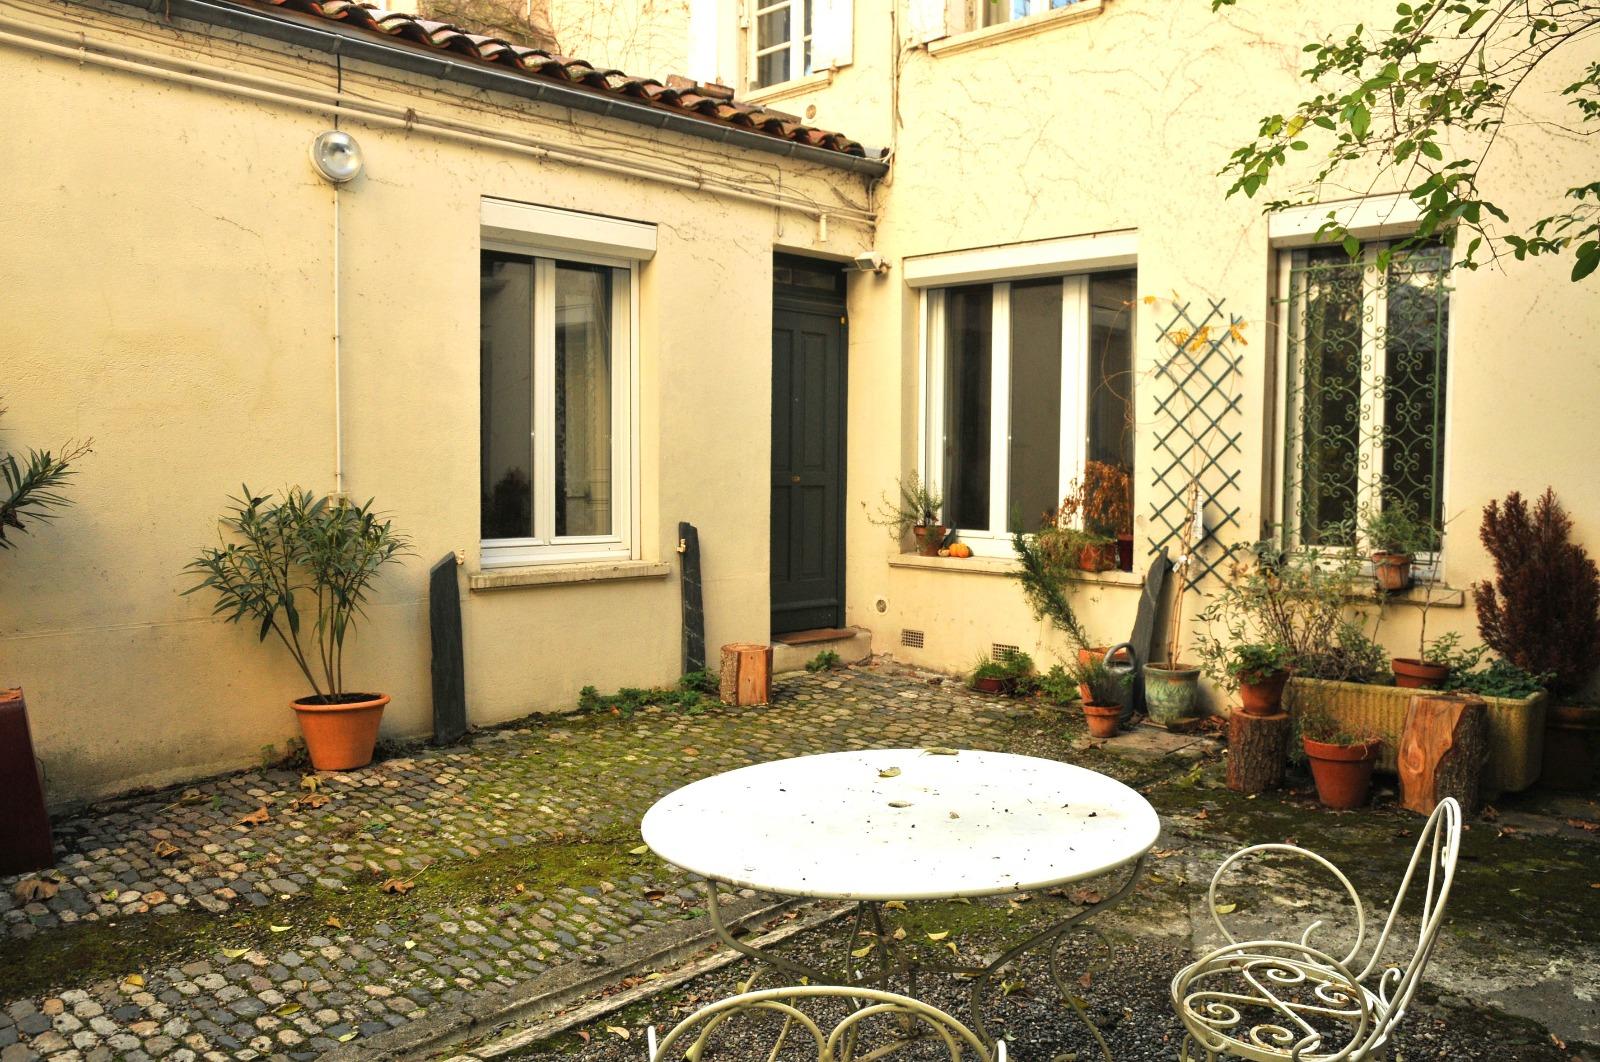 Belle salle de bain ouverte sur jardin id es de design for Salon ouvert sur jardin